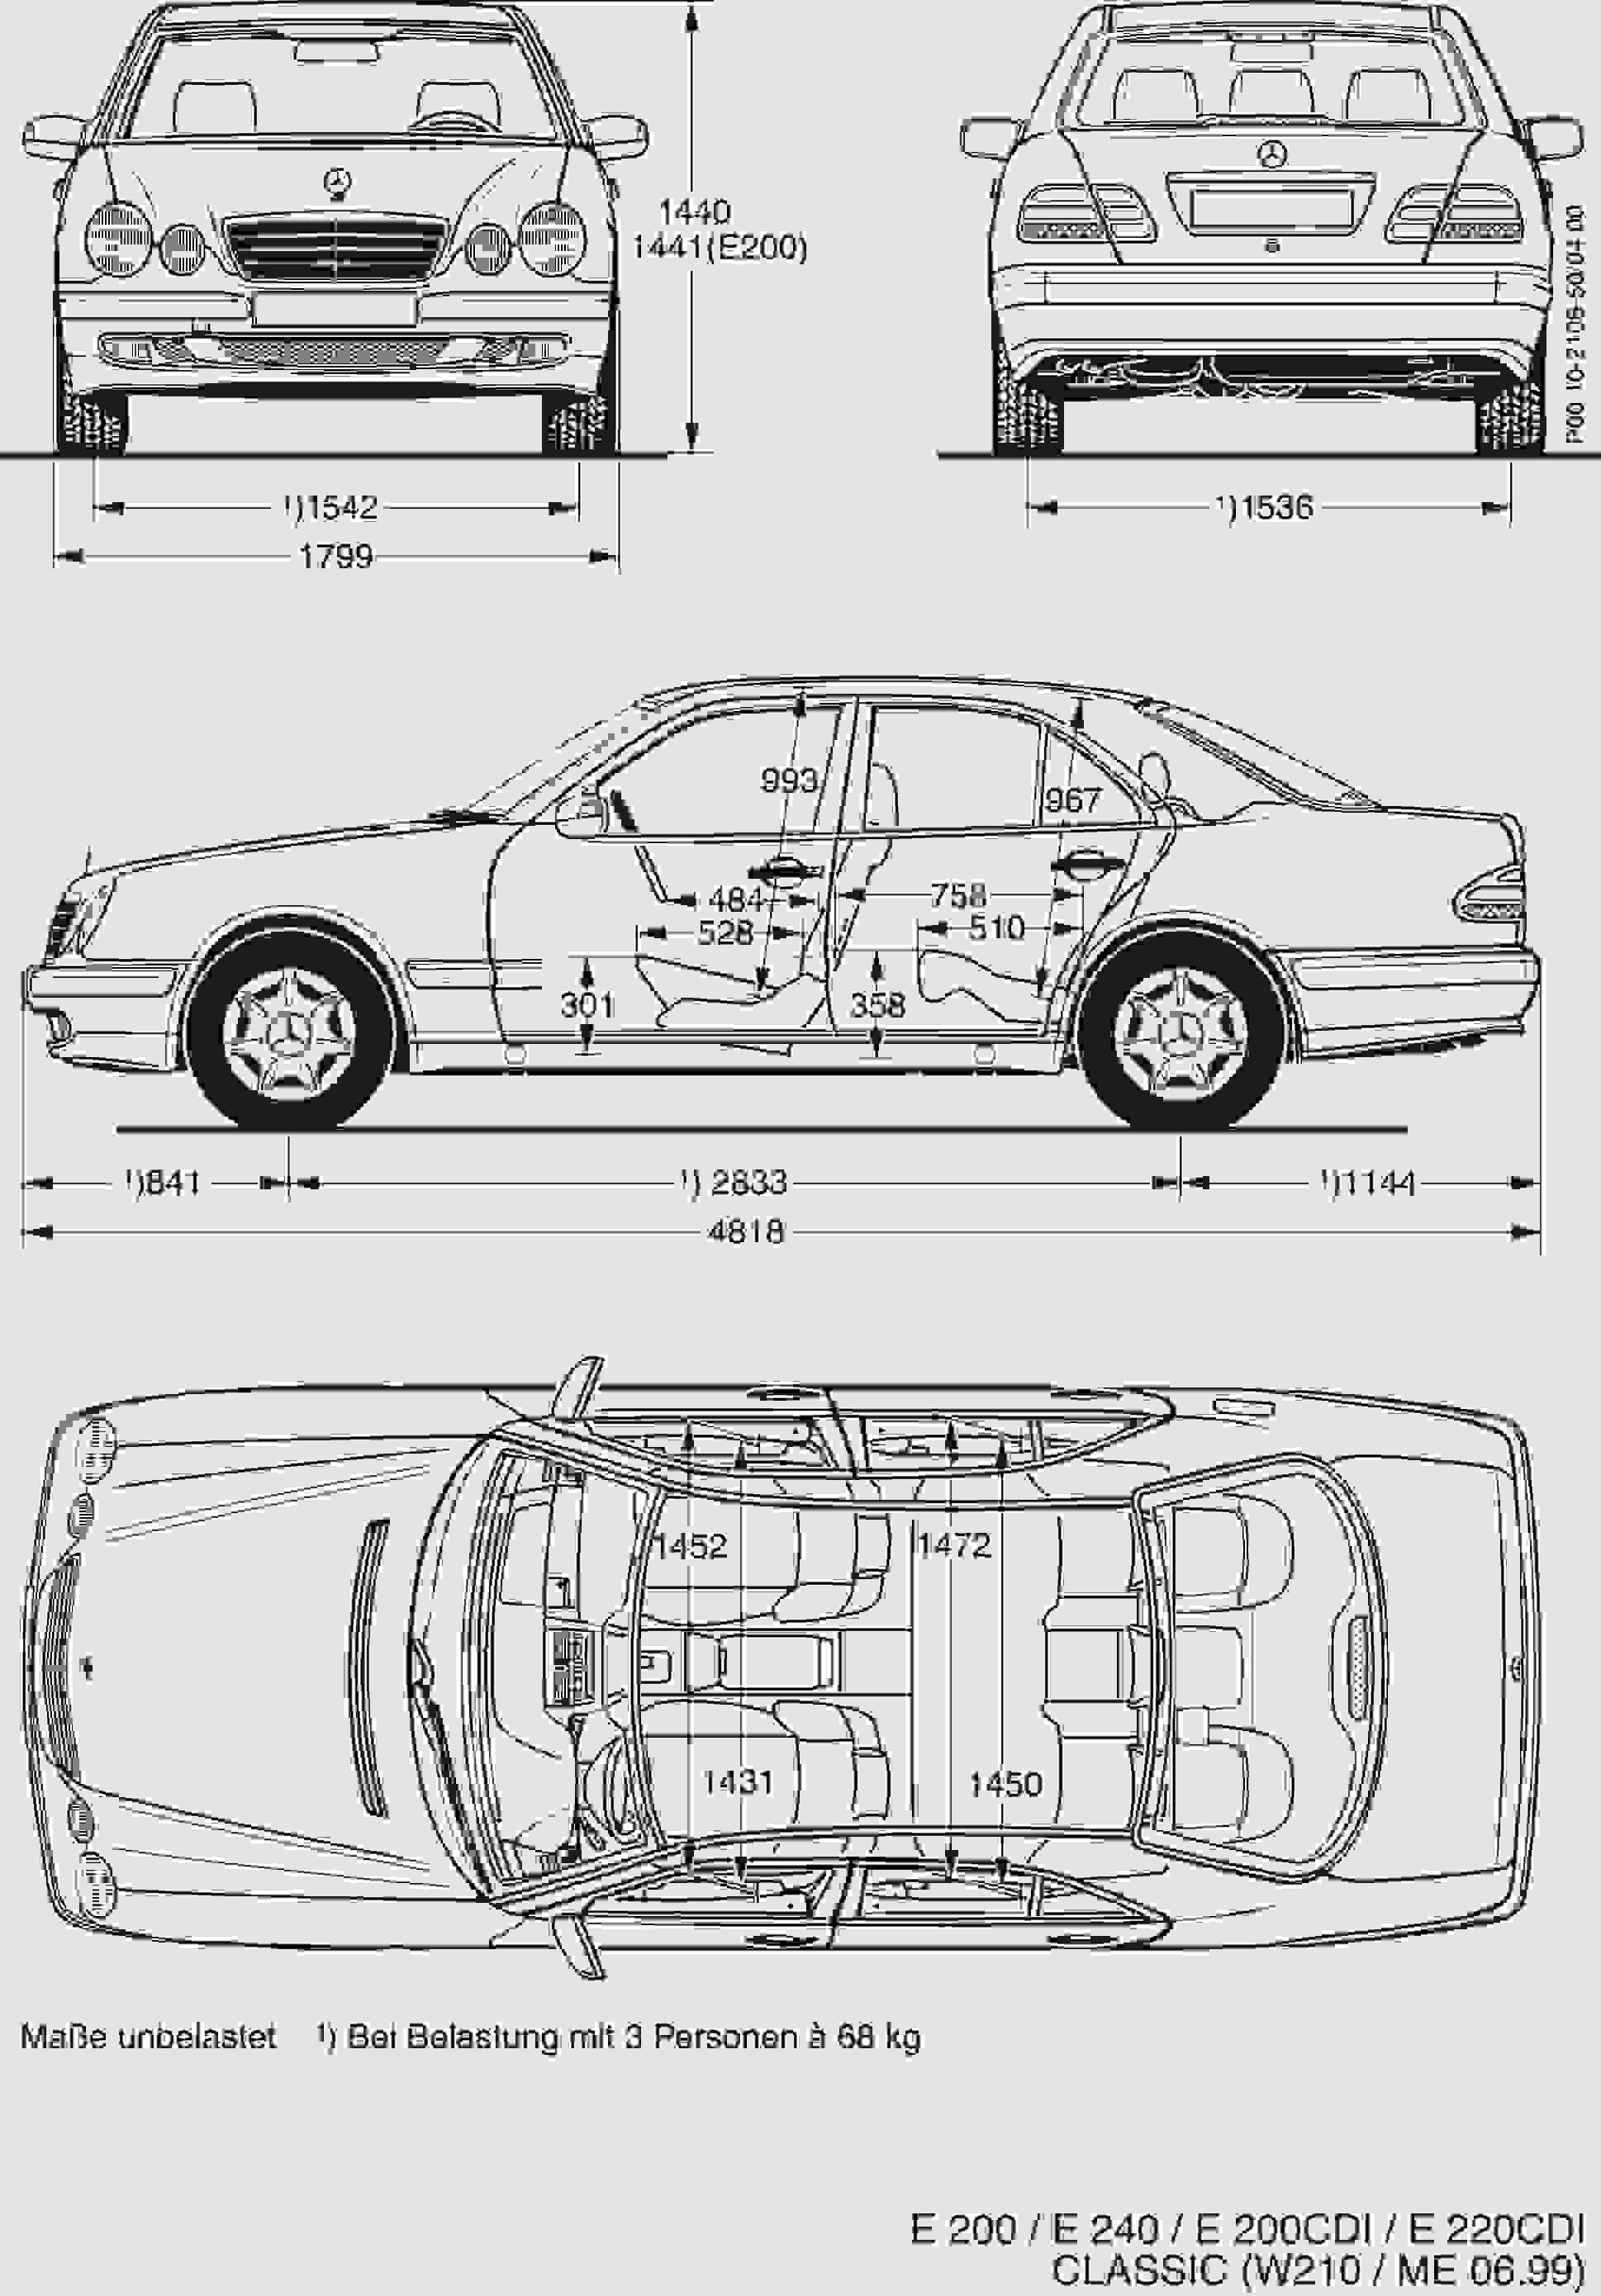 historique  mercedes w210 1995